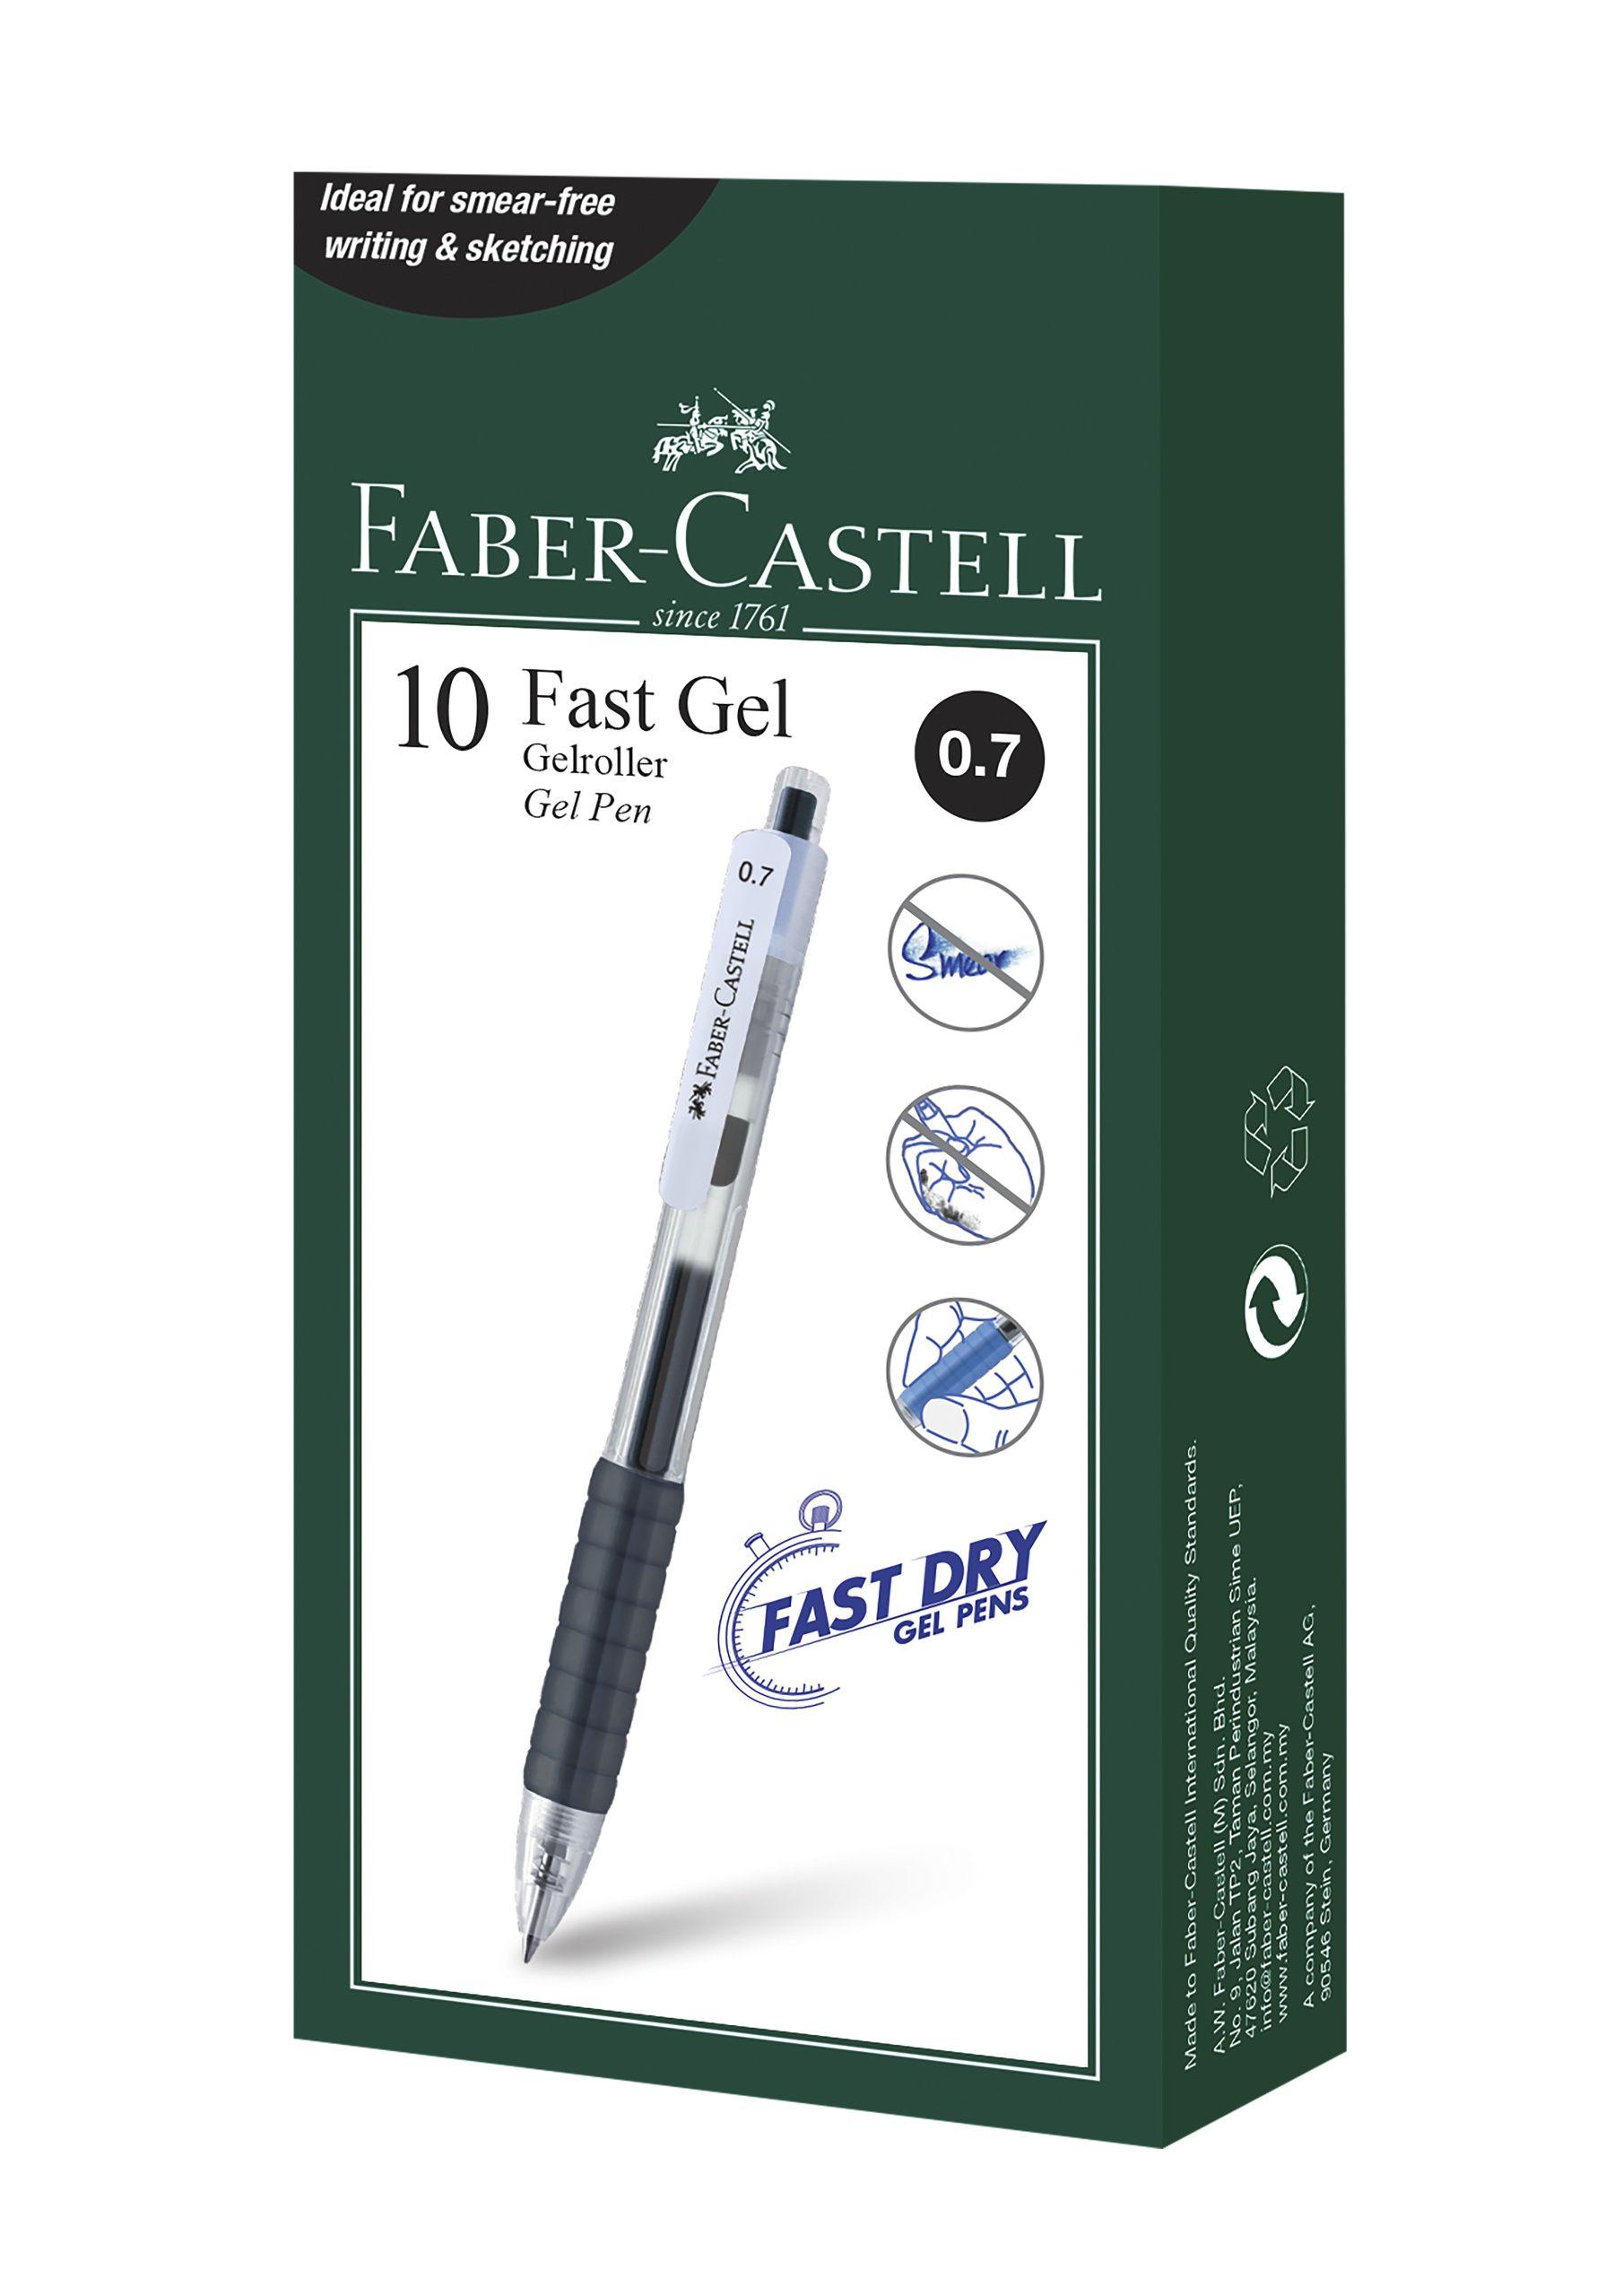 PIX CU GEL 0.7MM FAST GEL NEGRU FABER-CASTELL